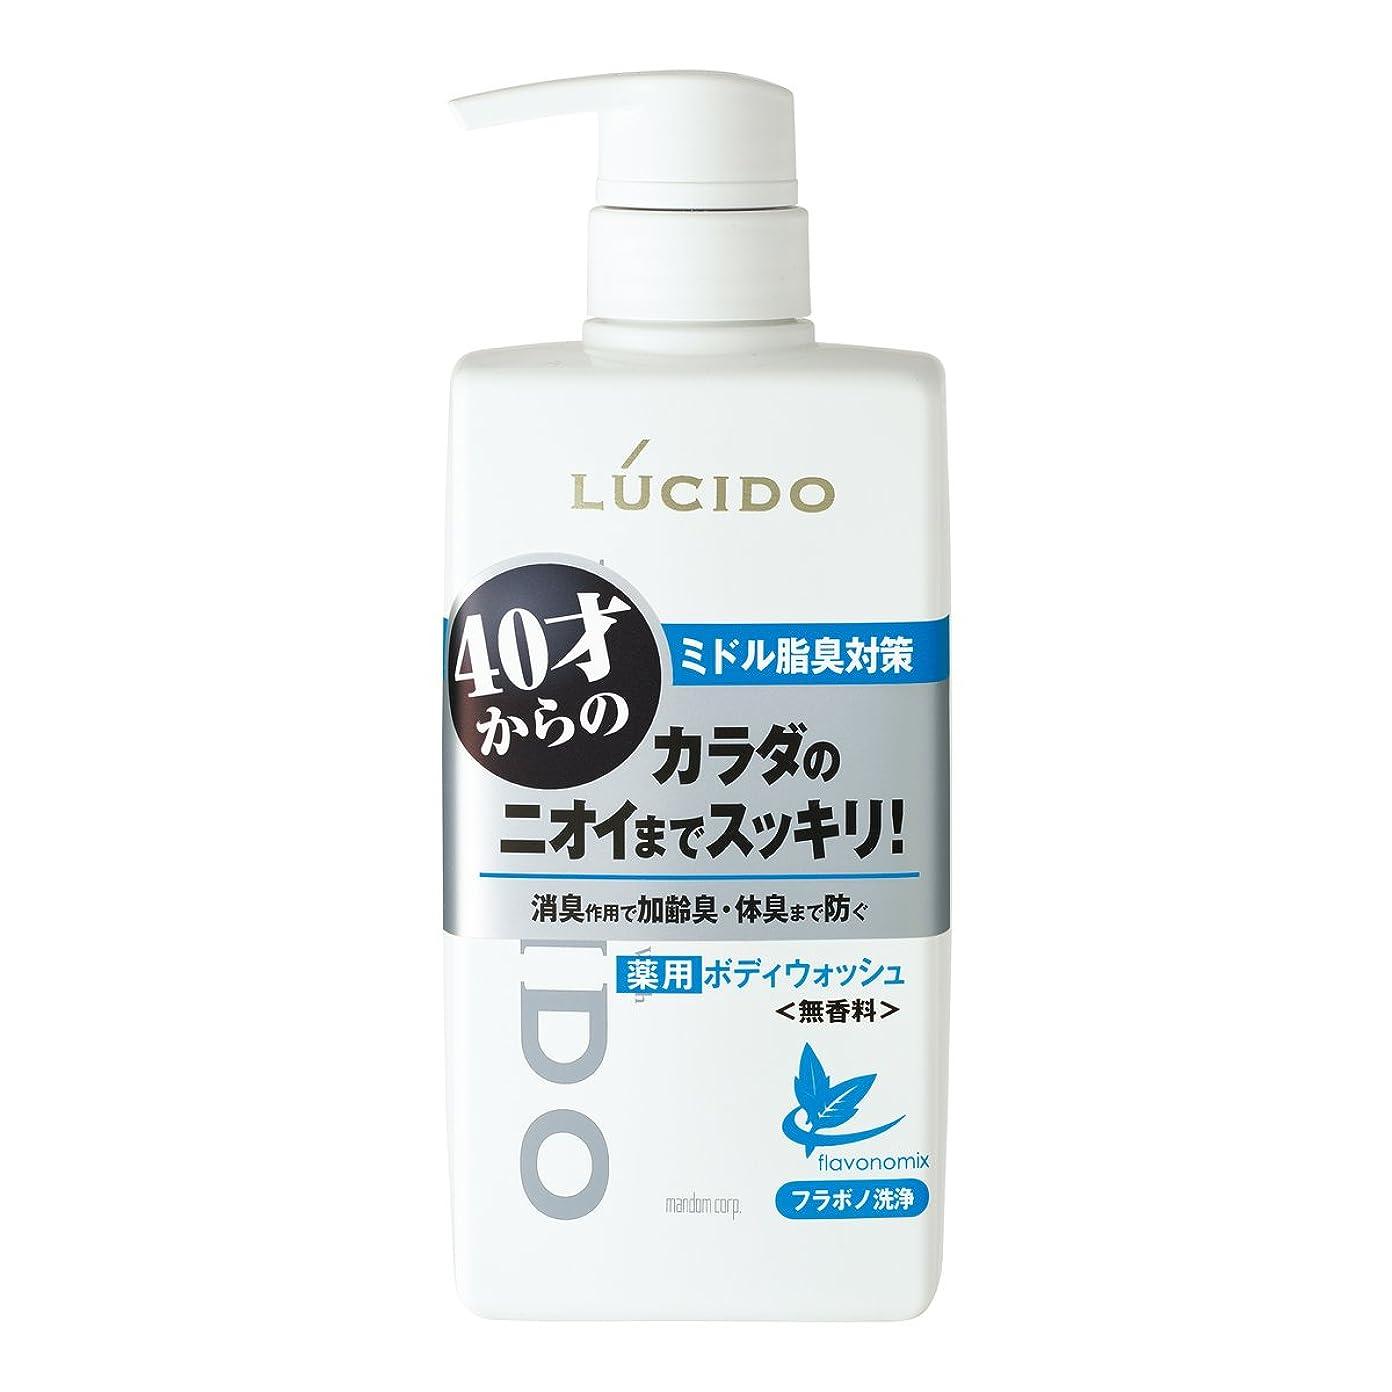 ペグ札入れ繁殖ルシード 薬用デオドラントボディウォッシュ 450mL (医薬部外品)